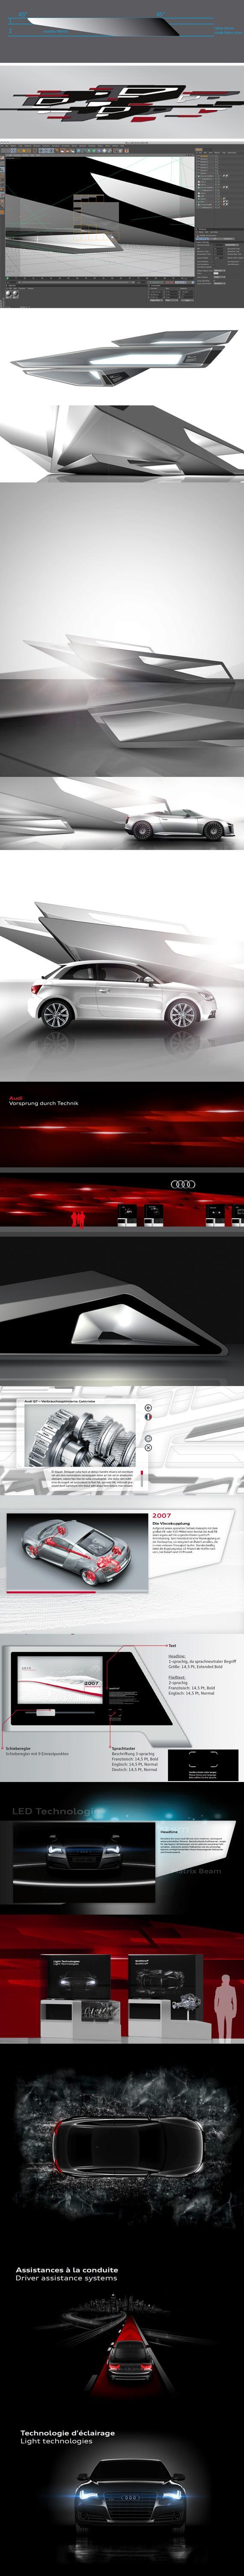 Audi Paris Motorshow 2010 sur le stand du Réseau